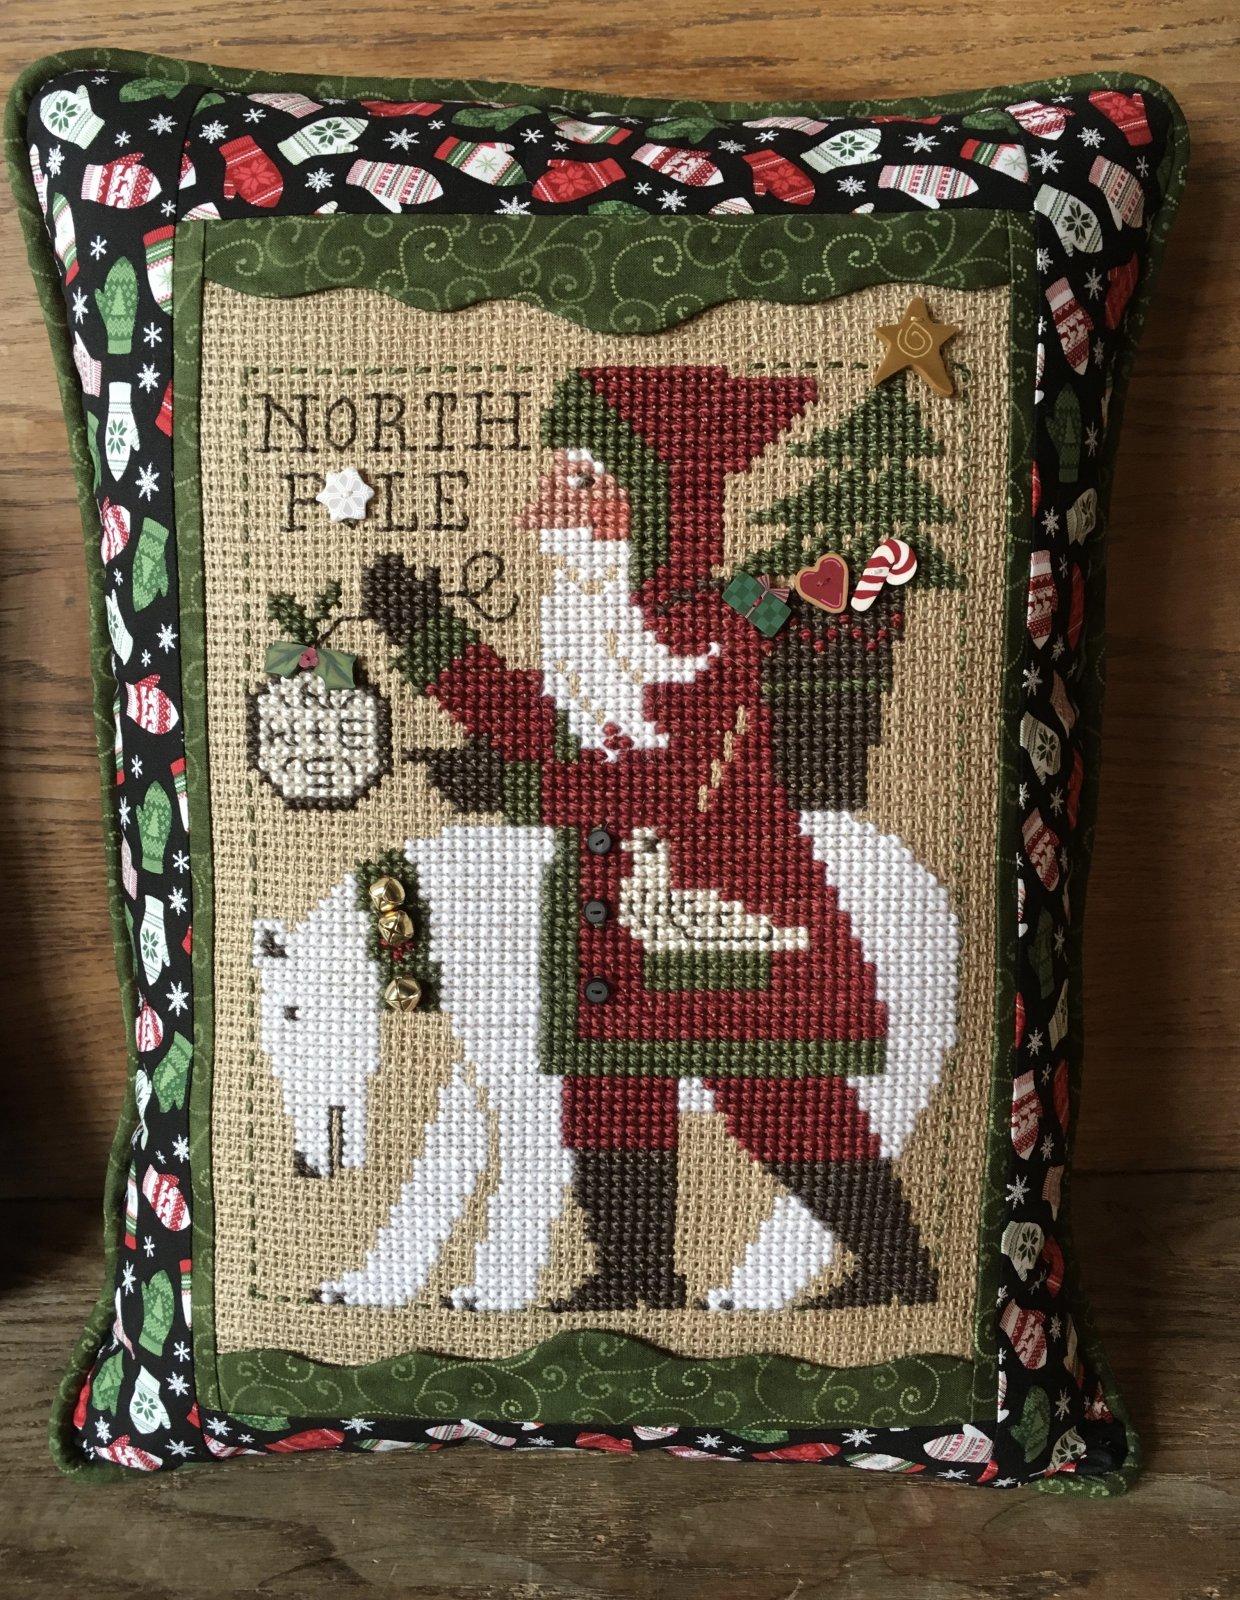 2017 Prairie Schooler Santa